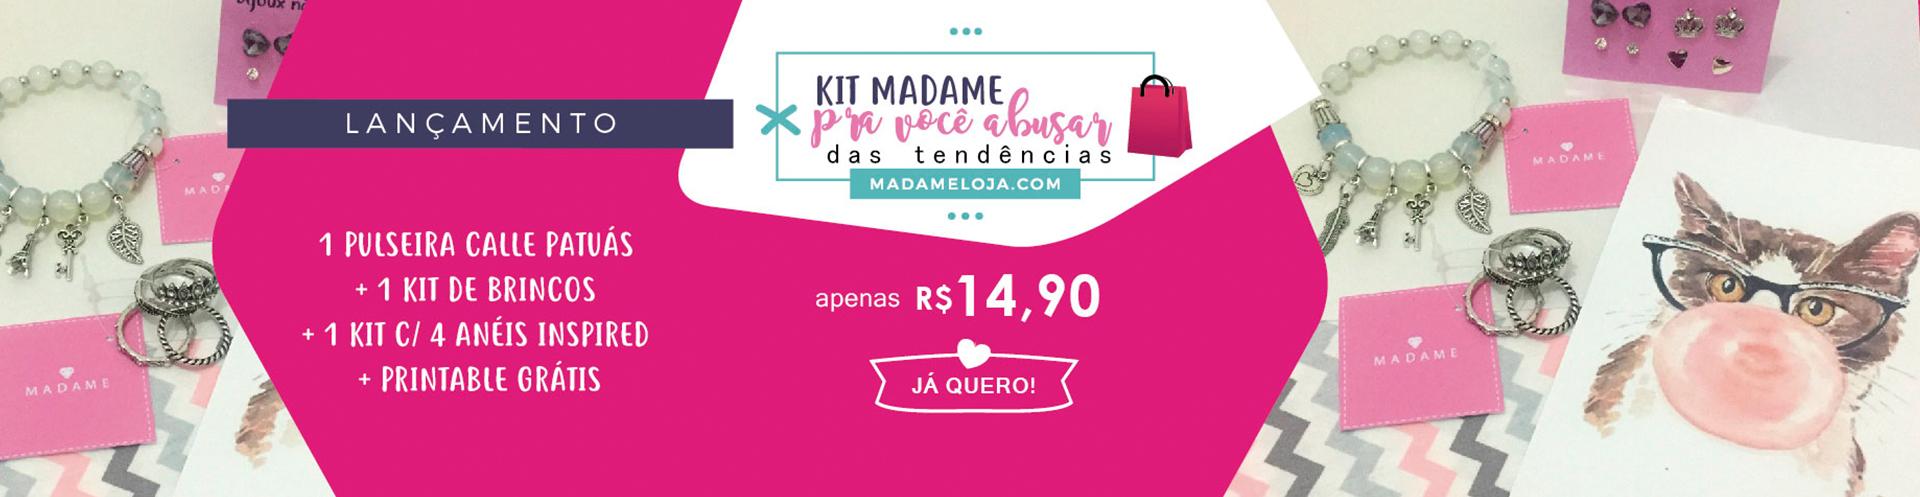 Kit Madame